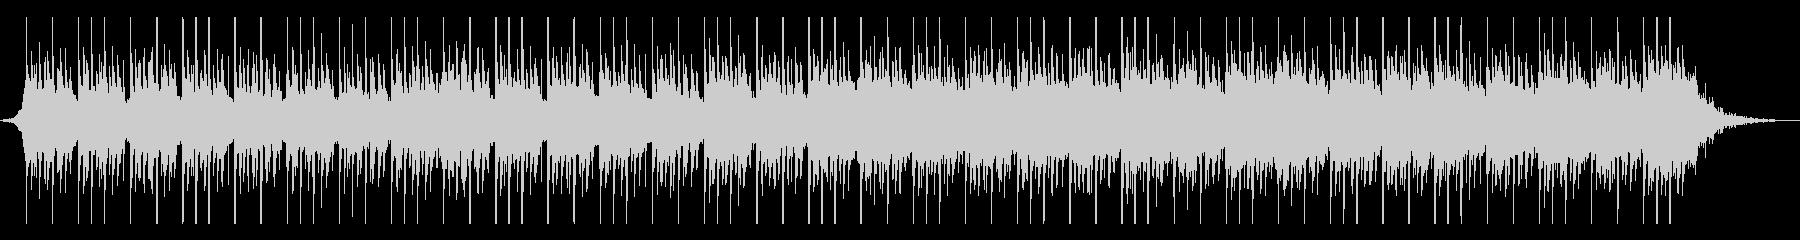 ラマダンバイラム(80秒)の未再生の波形